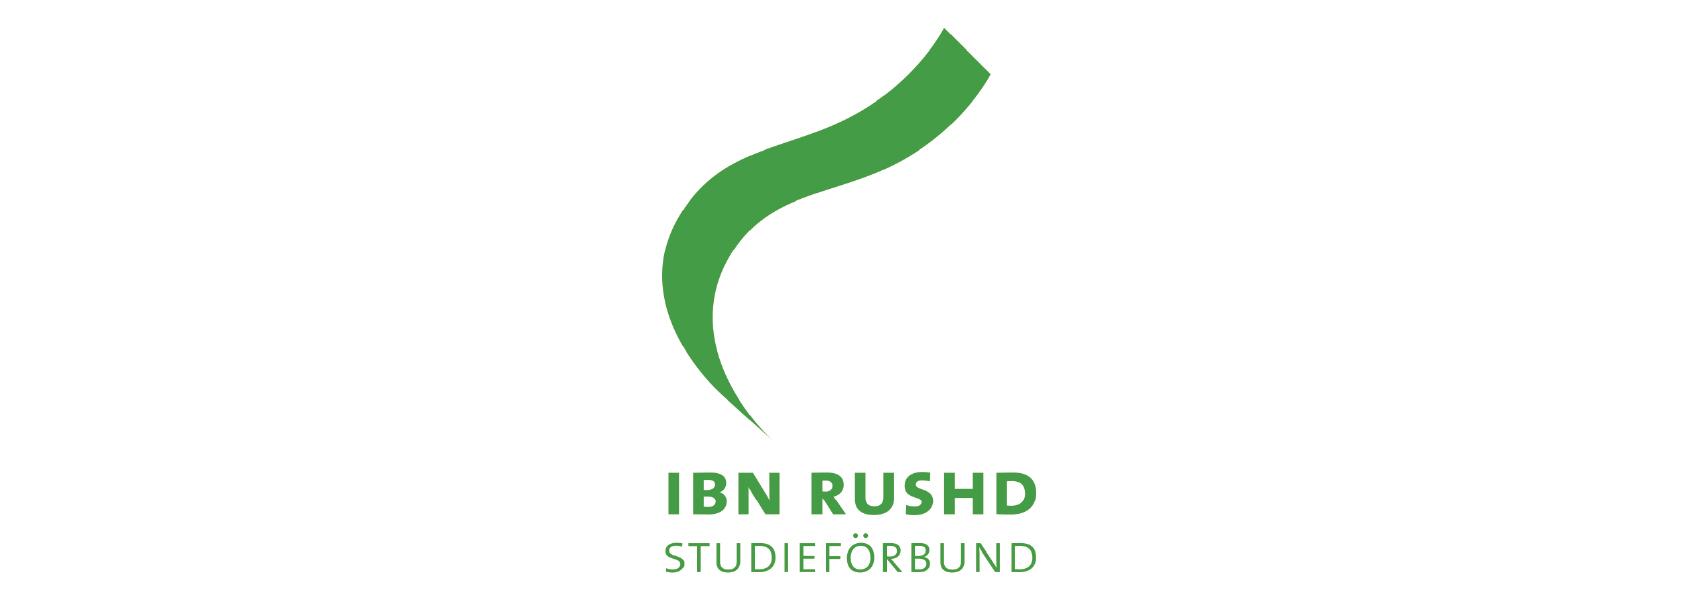 Bildresultat för logga IBN RUSHD